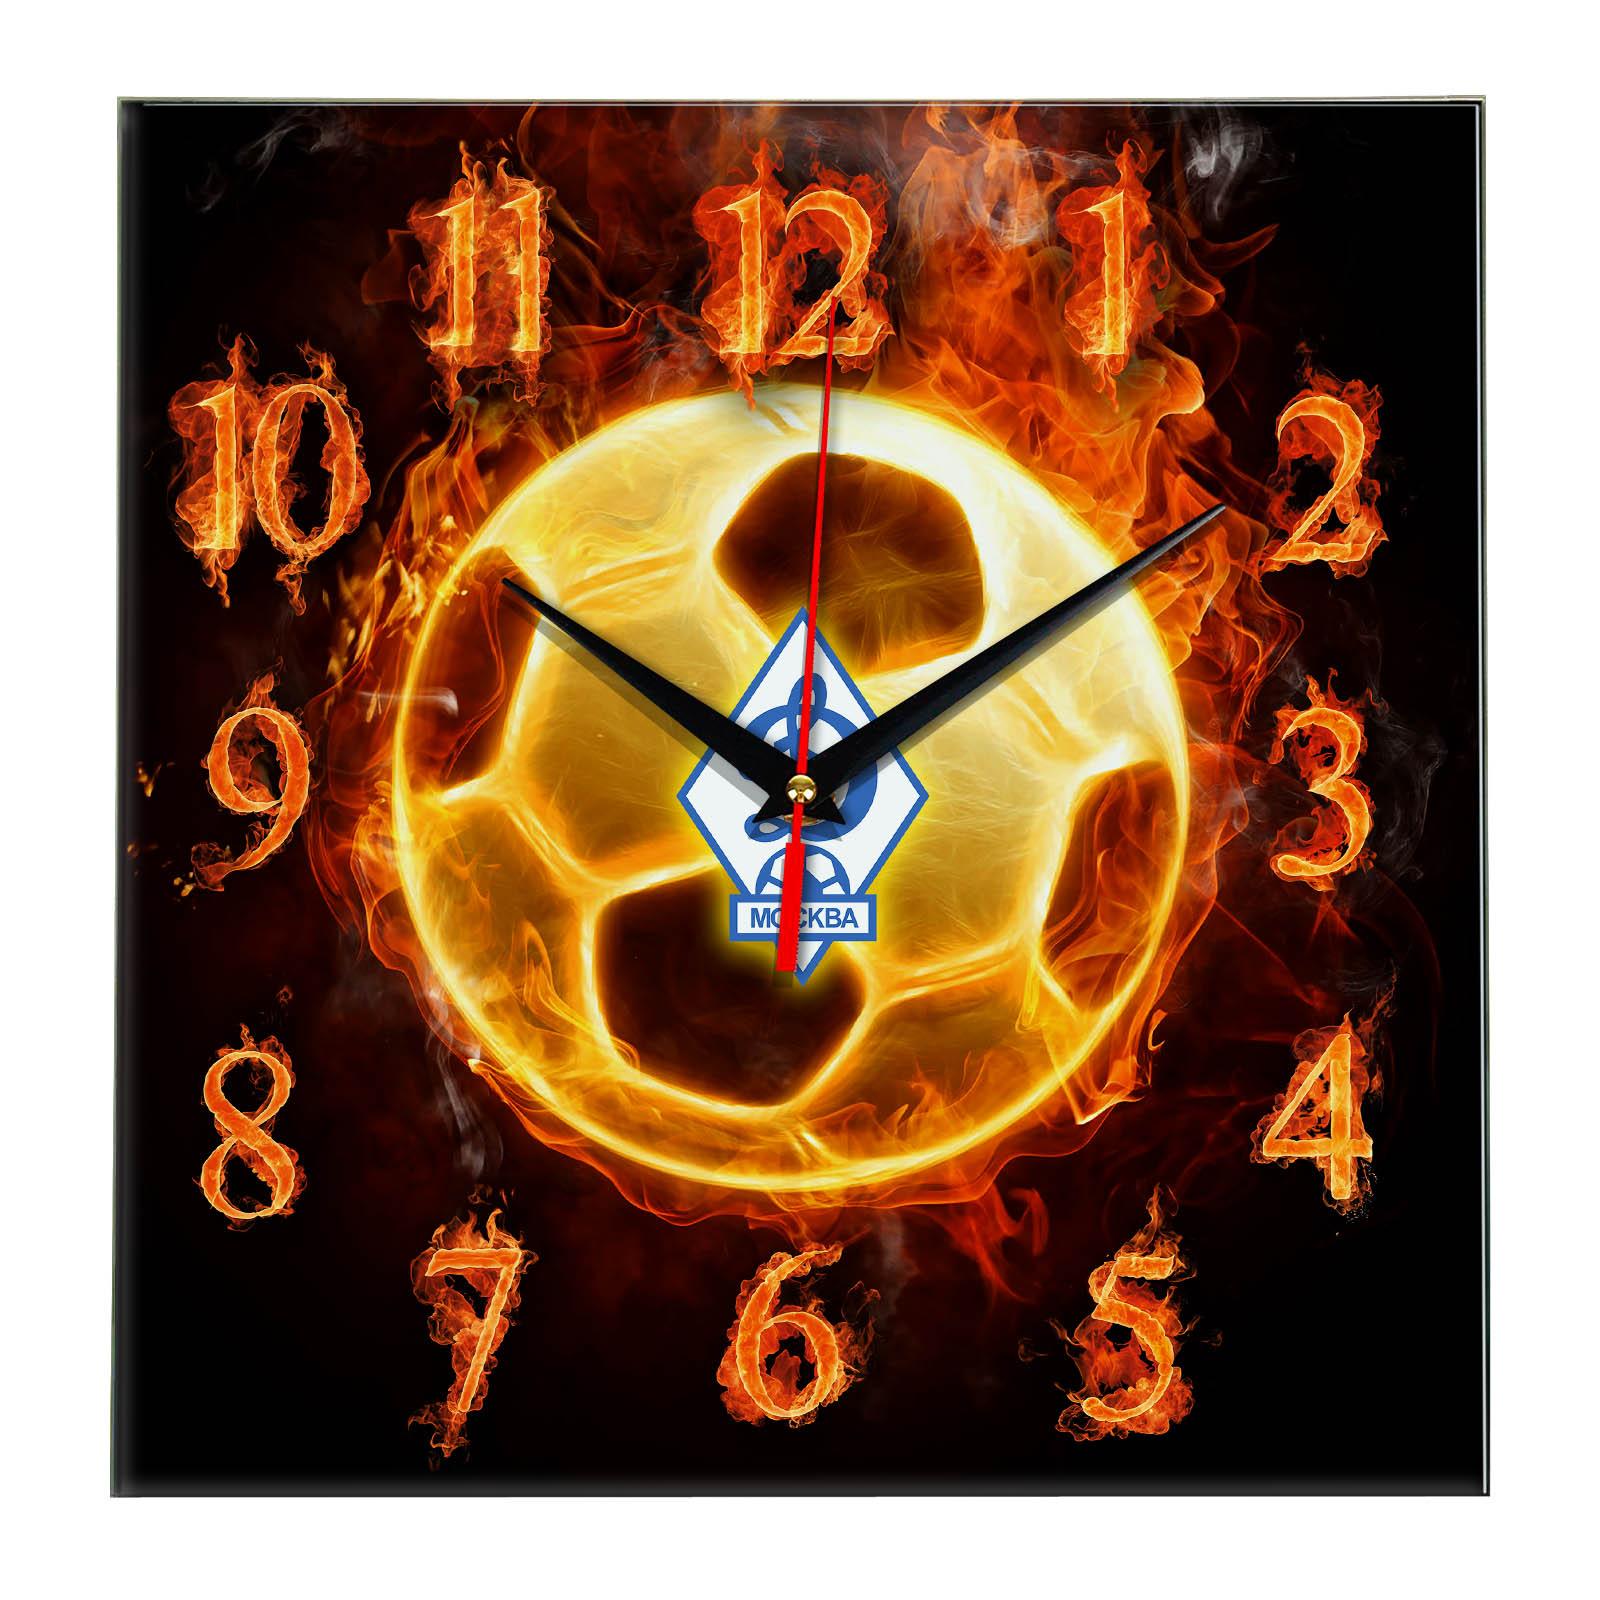 Настенные часы «Огненный футболист DINAMO MOSKVA»